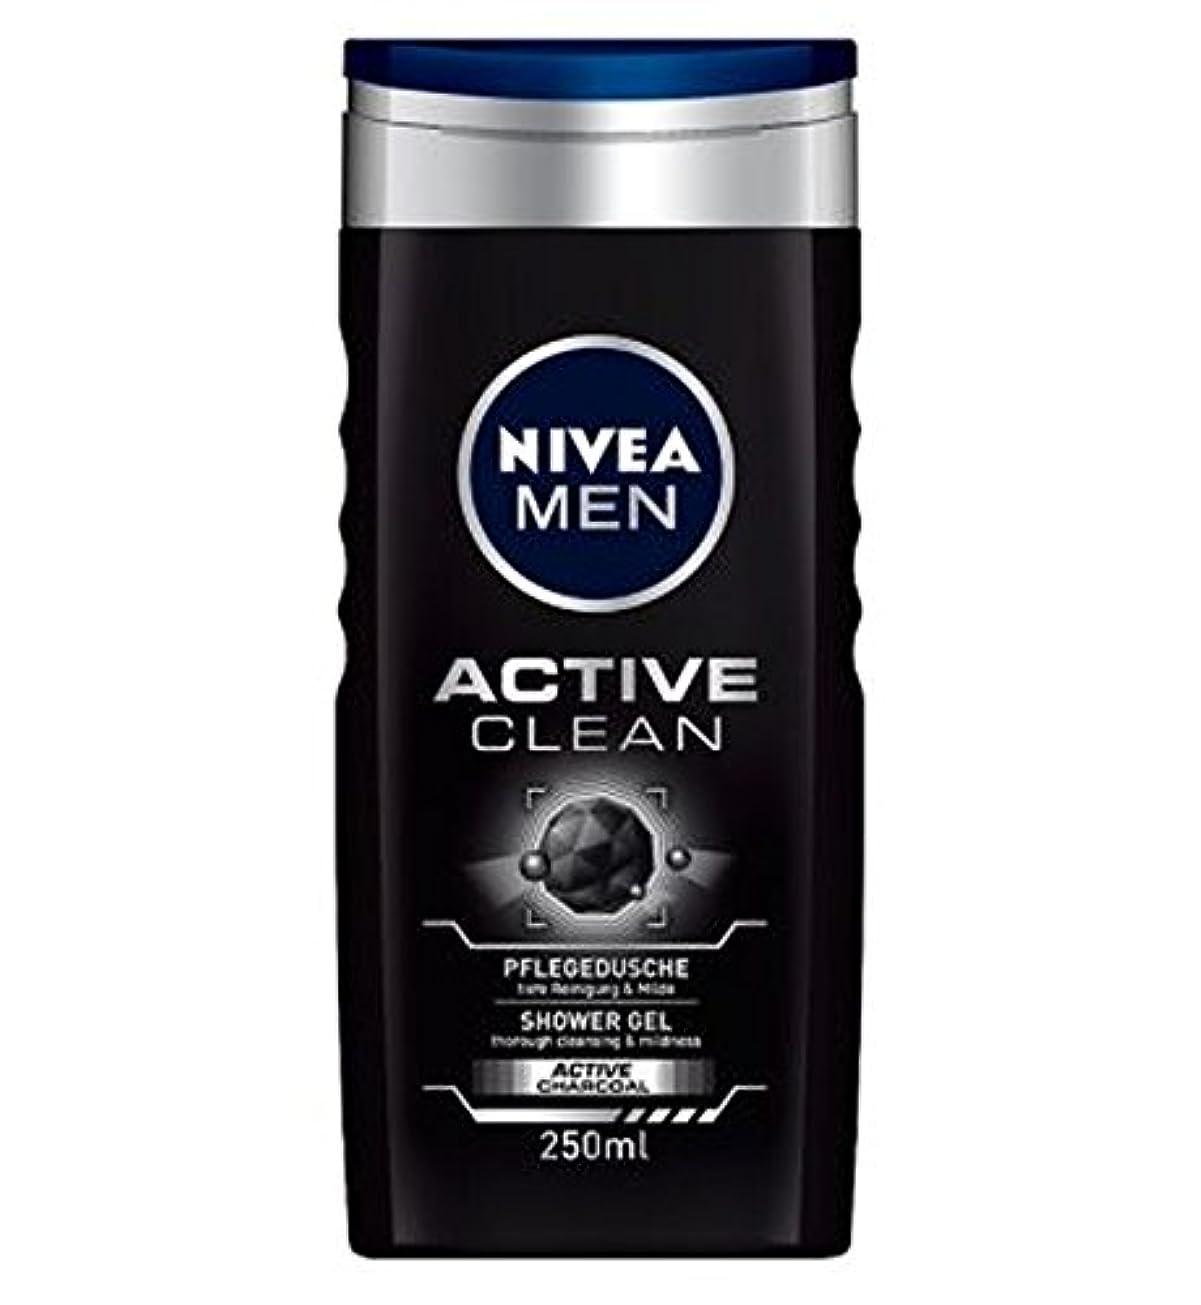 不運ハイブリッド病院NIVEA MEN Active Clean Shower Gel 250ml - ニベアの男性アクティブクリーンシャワージェル250ミリリットル (Nivea) [並行輸入品]